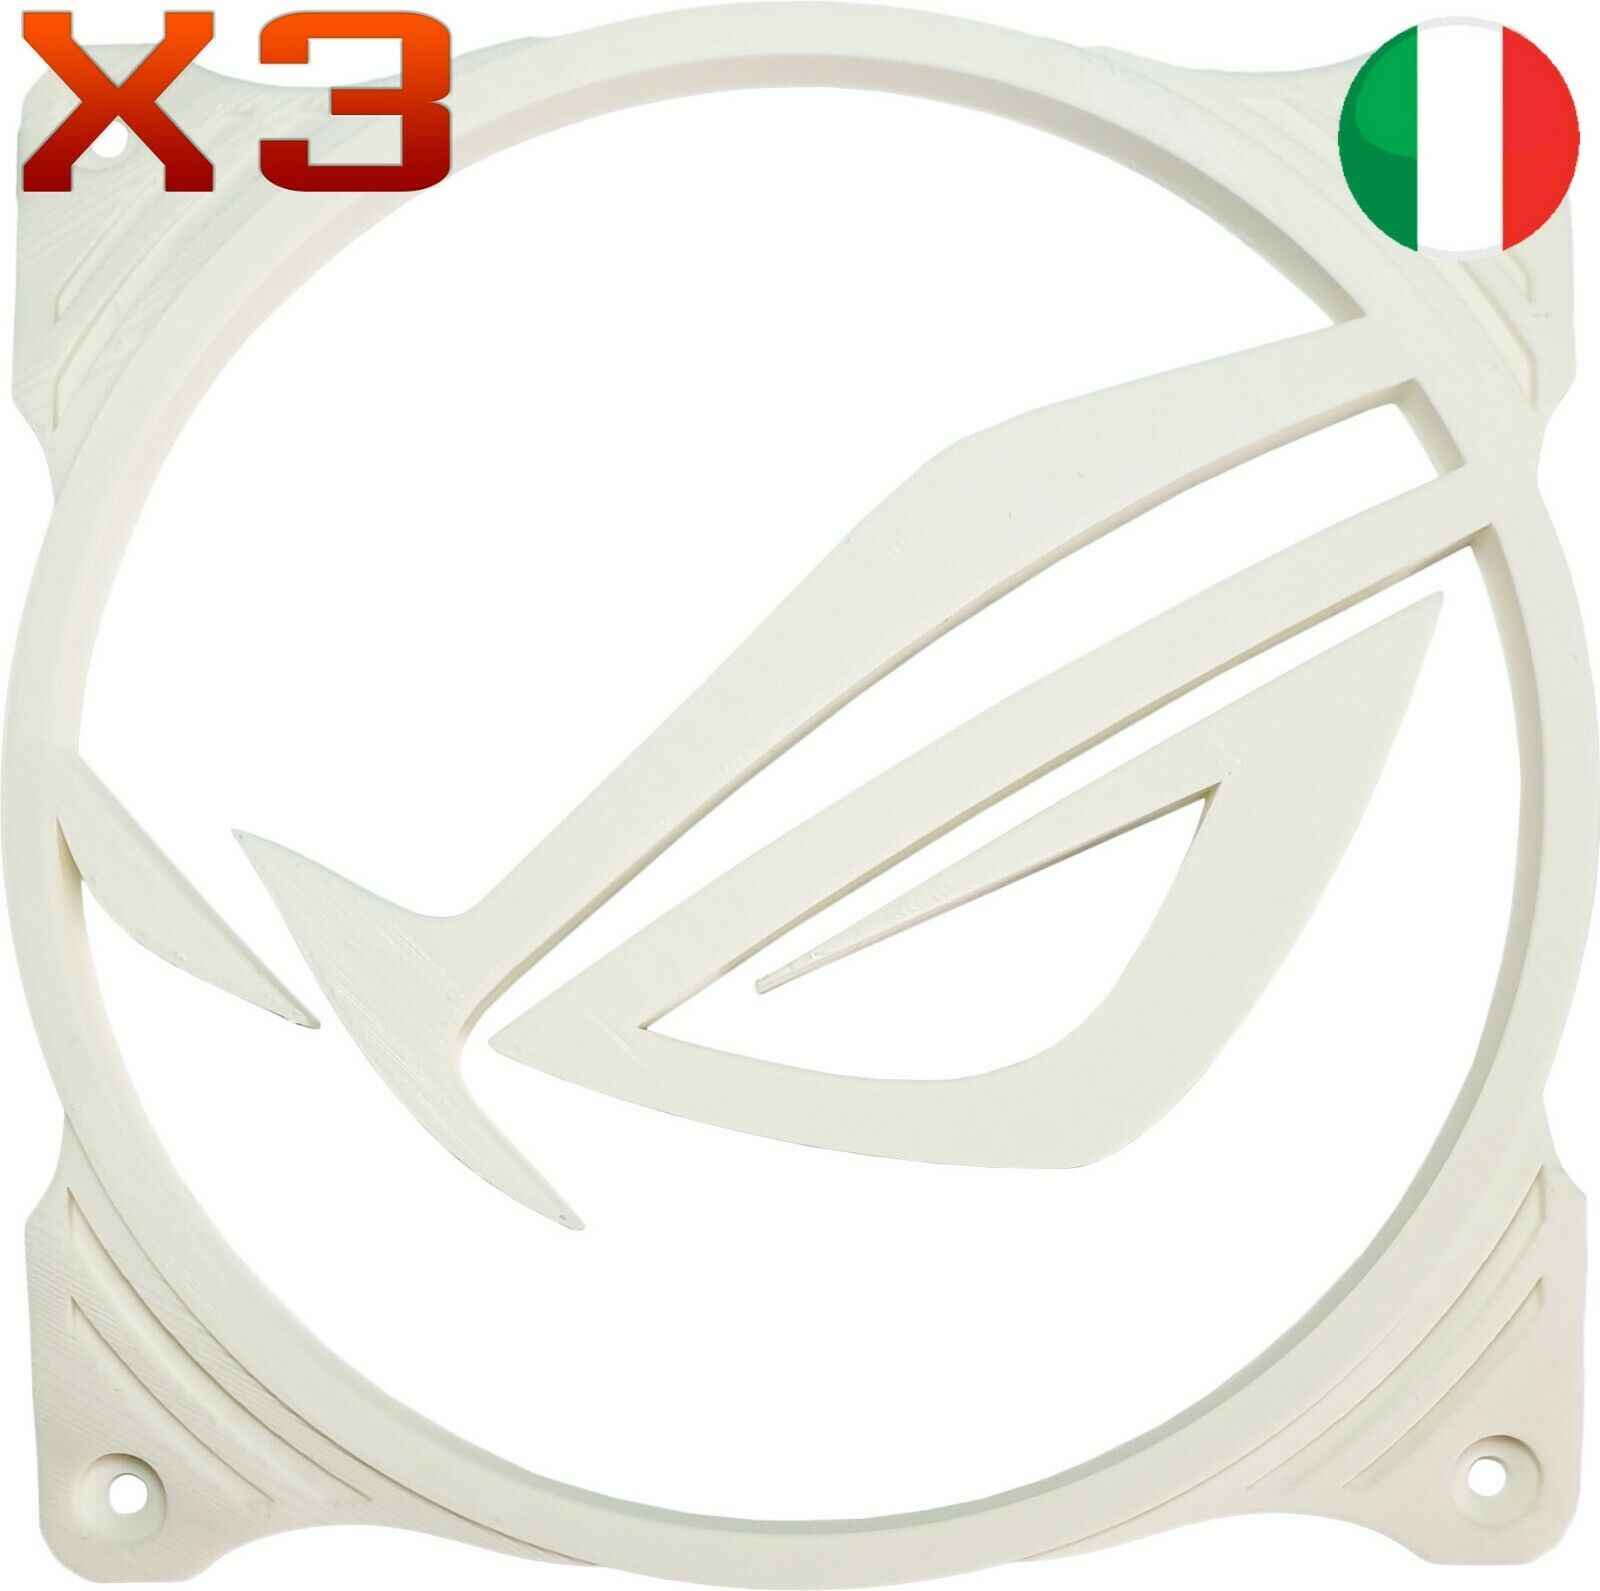 (3x) ASUS ROG Fan Guard Grill 140 MM